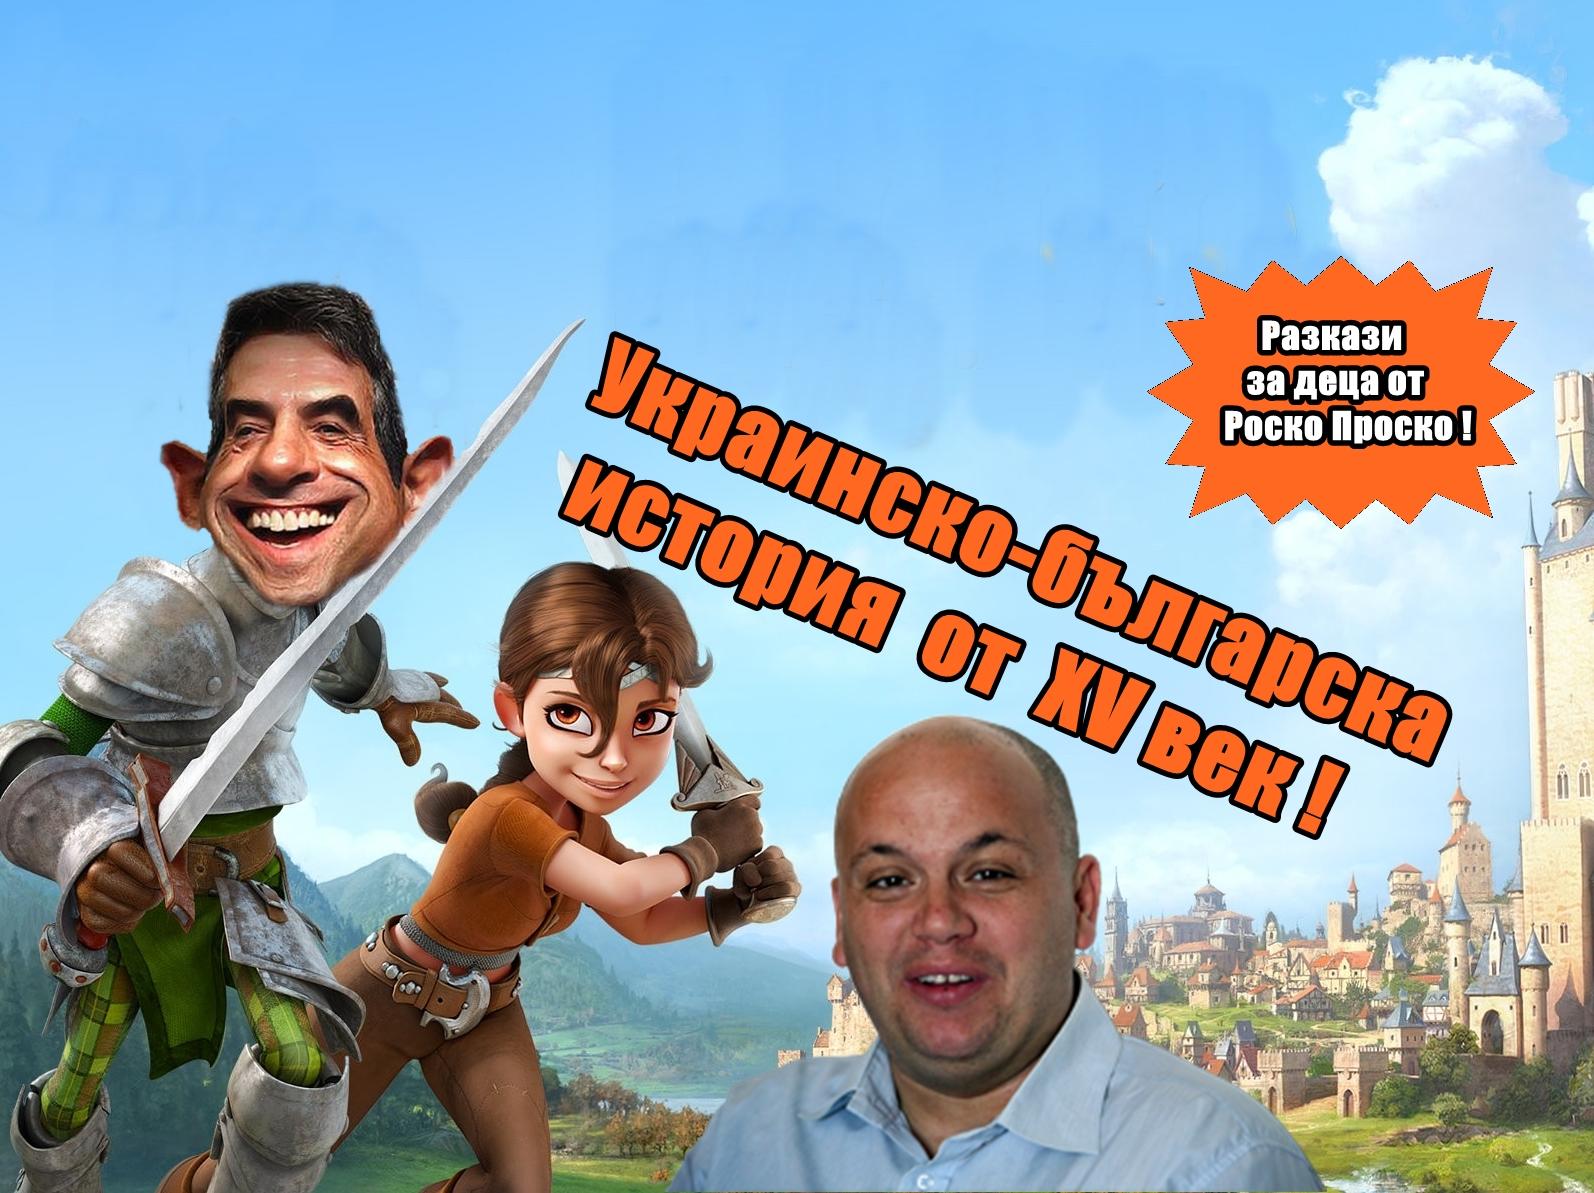 Александър Симов: Разкази за Украйна майна !